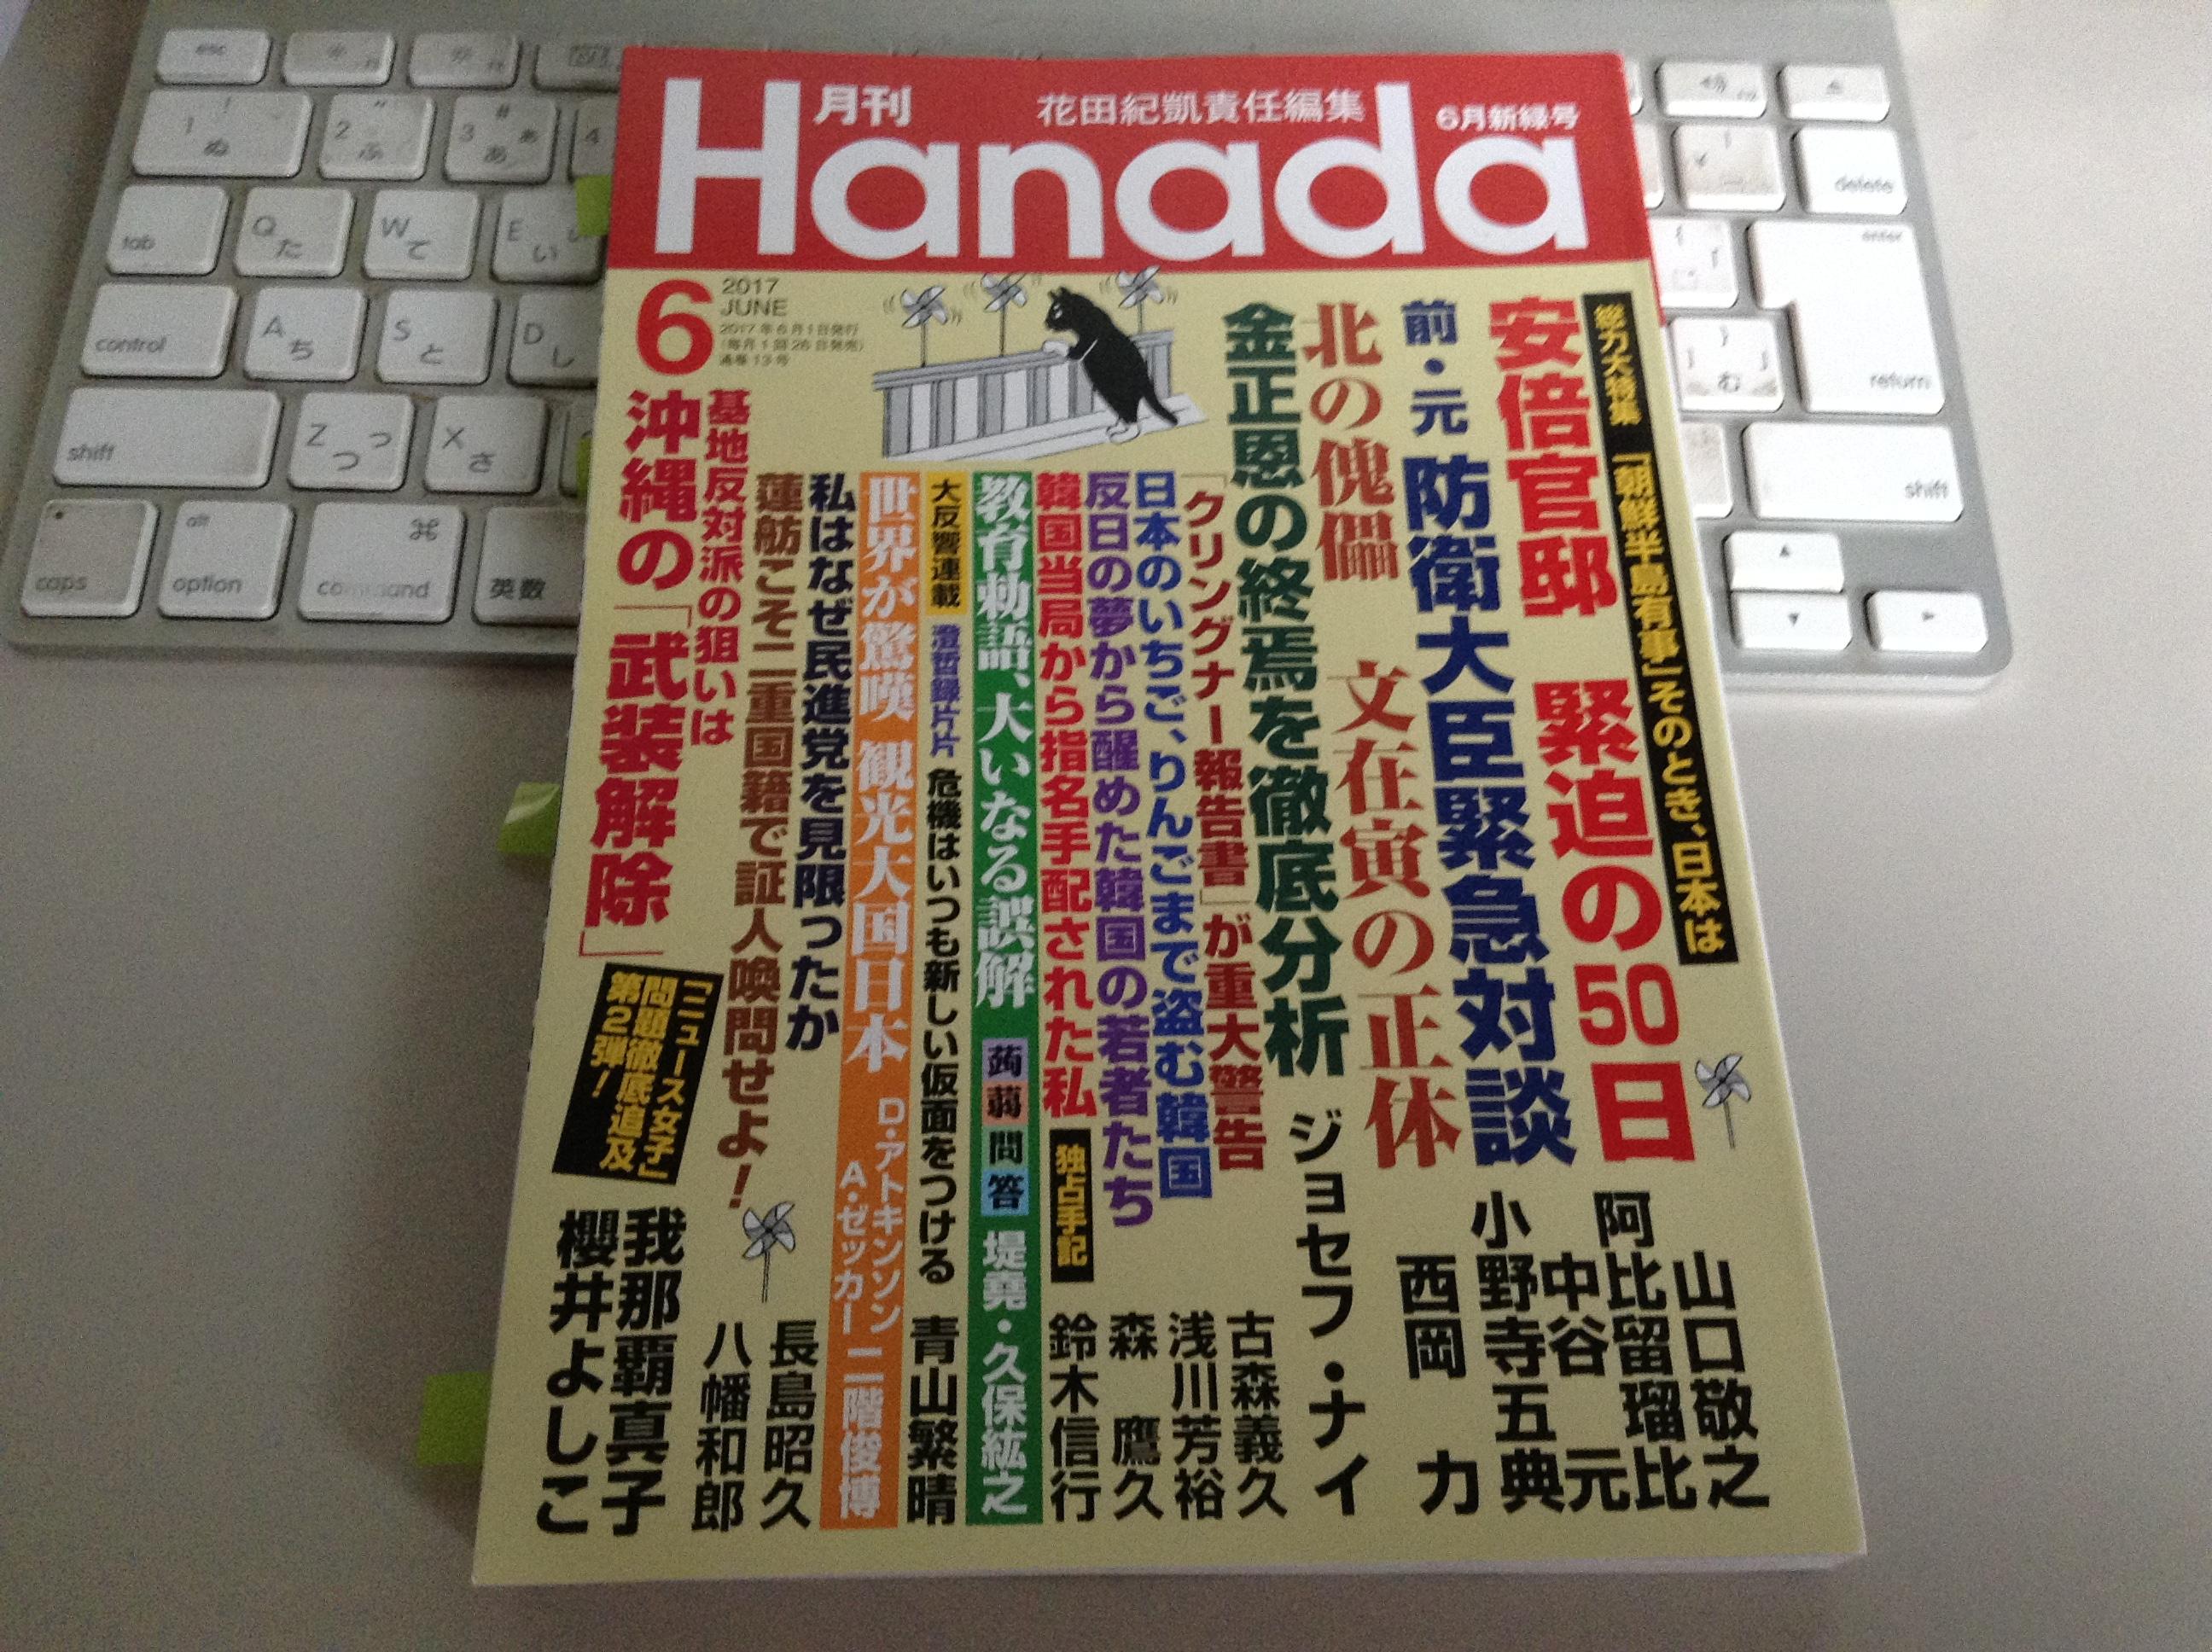 月刊 Hanada 2017年6月号「動乱の朝鮮半島」